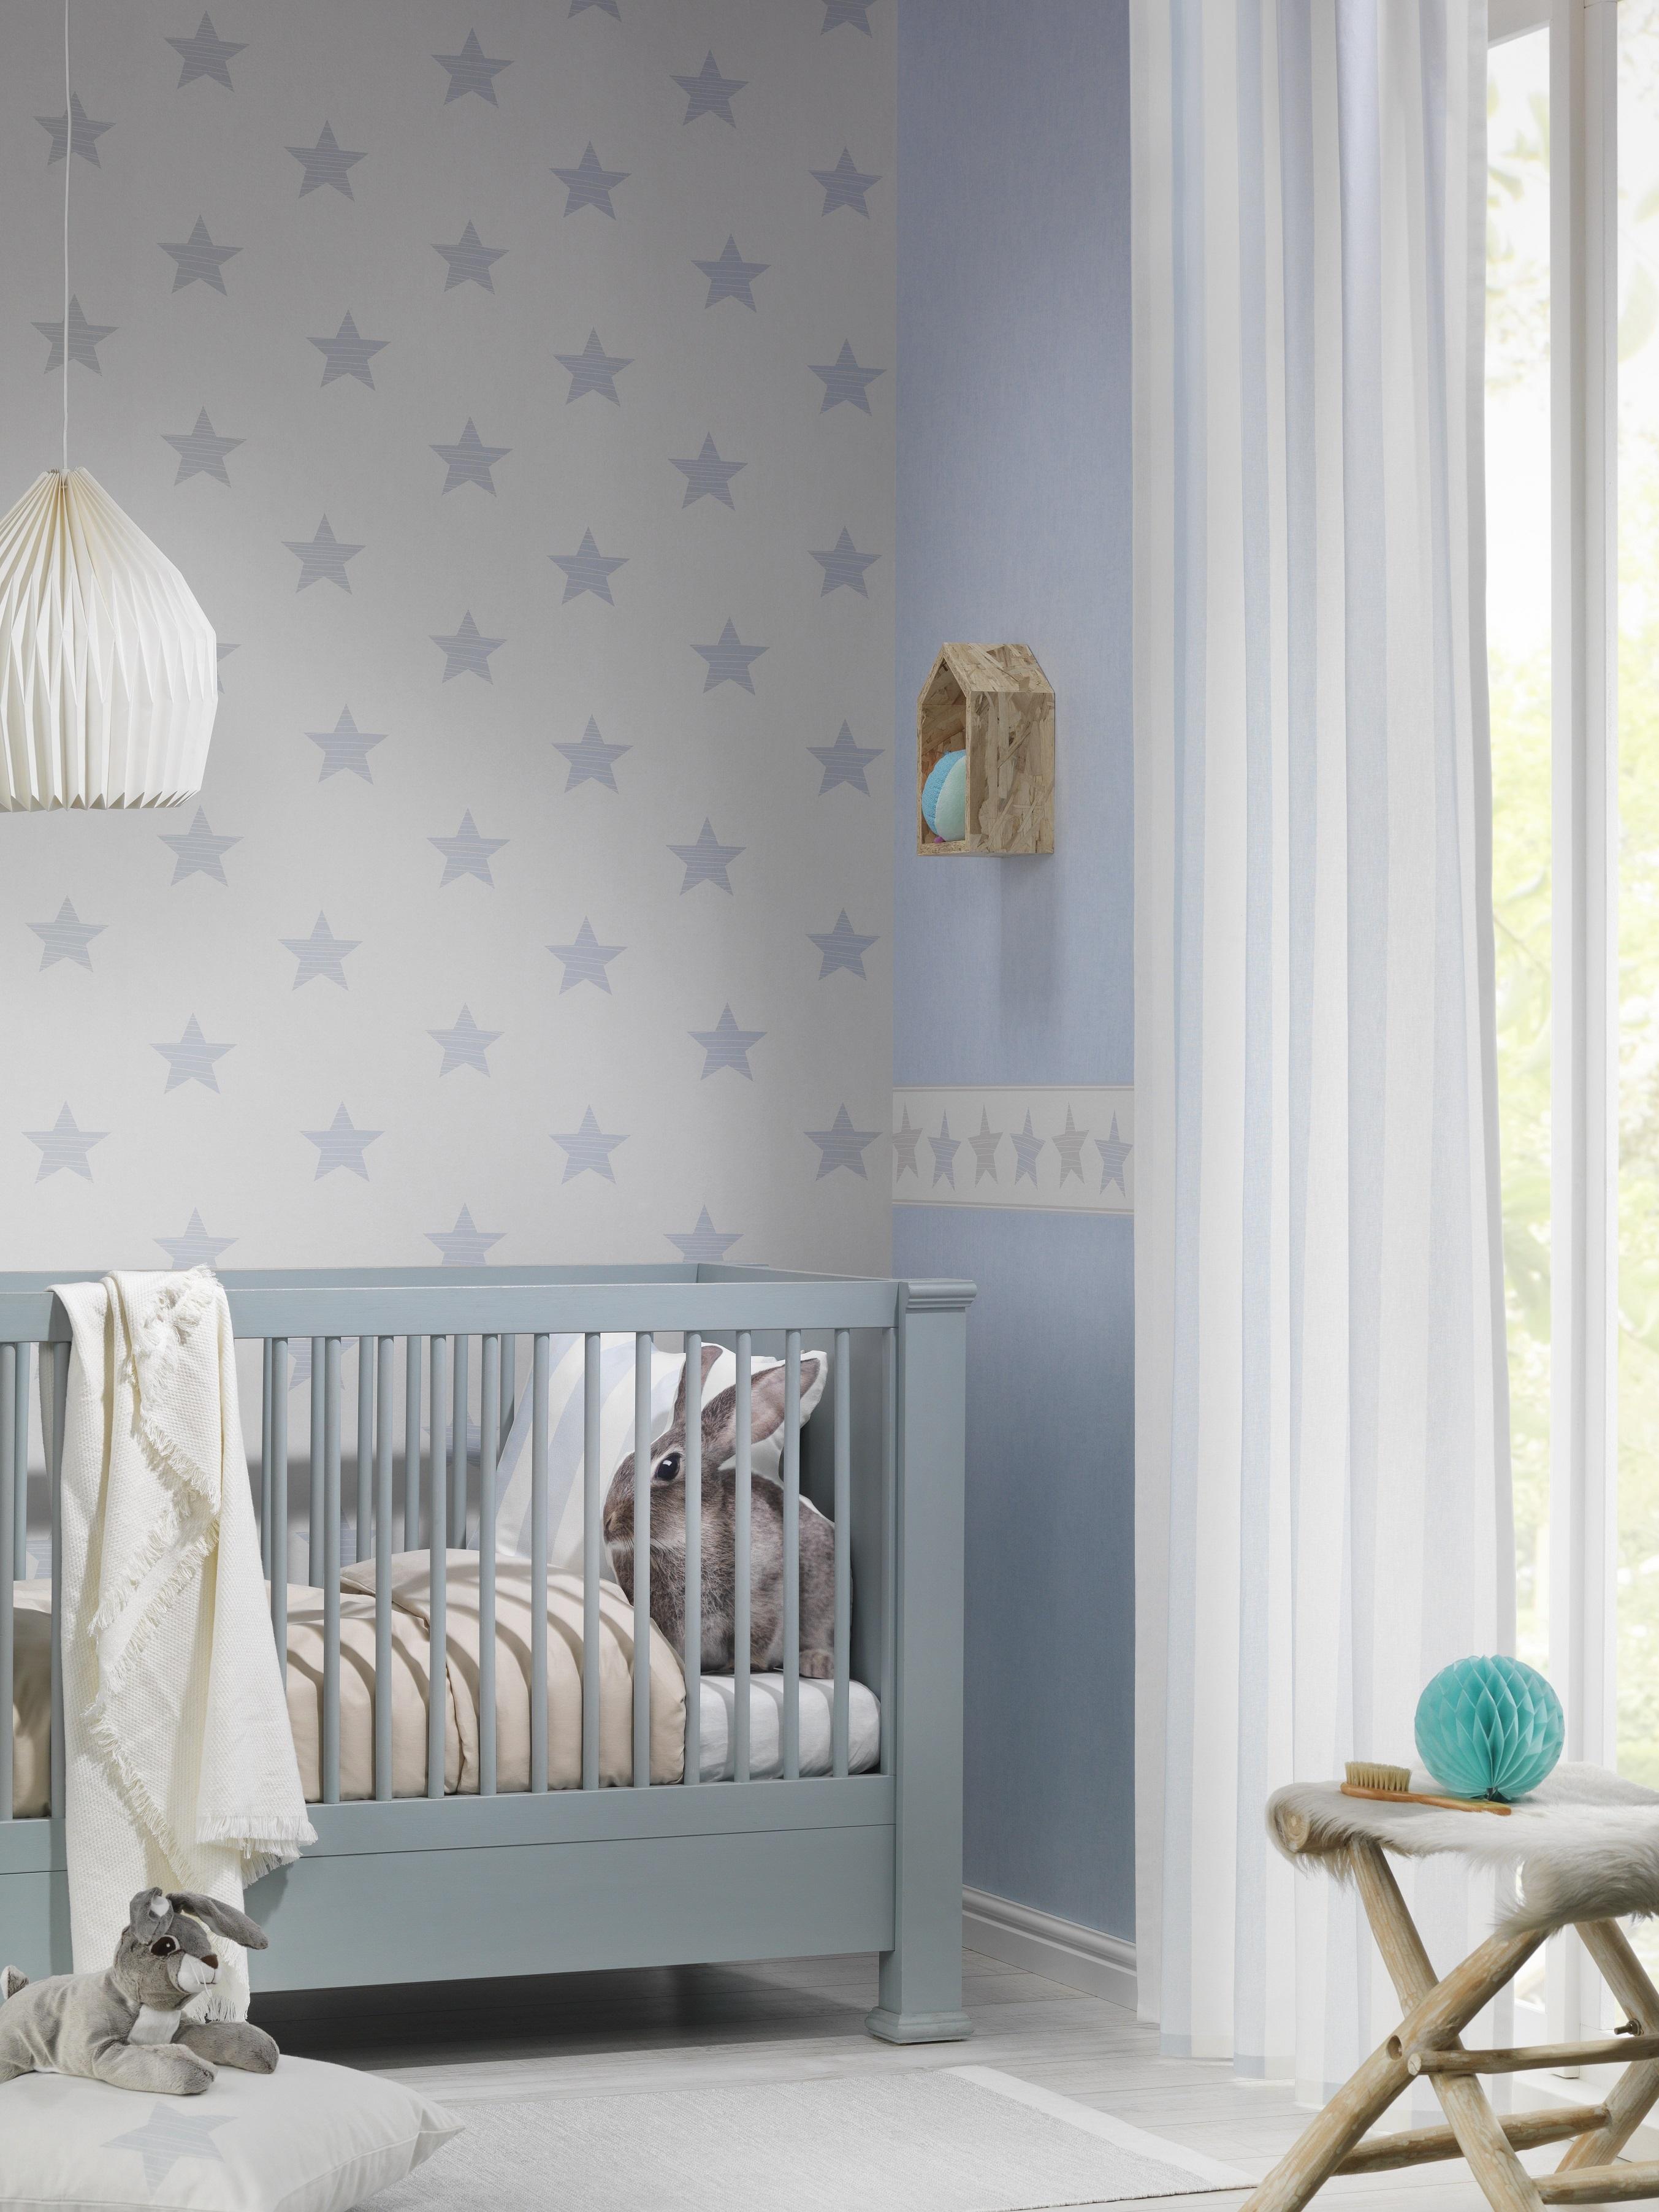 Kinderzimmer mit weiß-grauer Sternchentapete